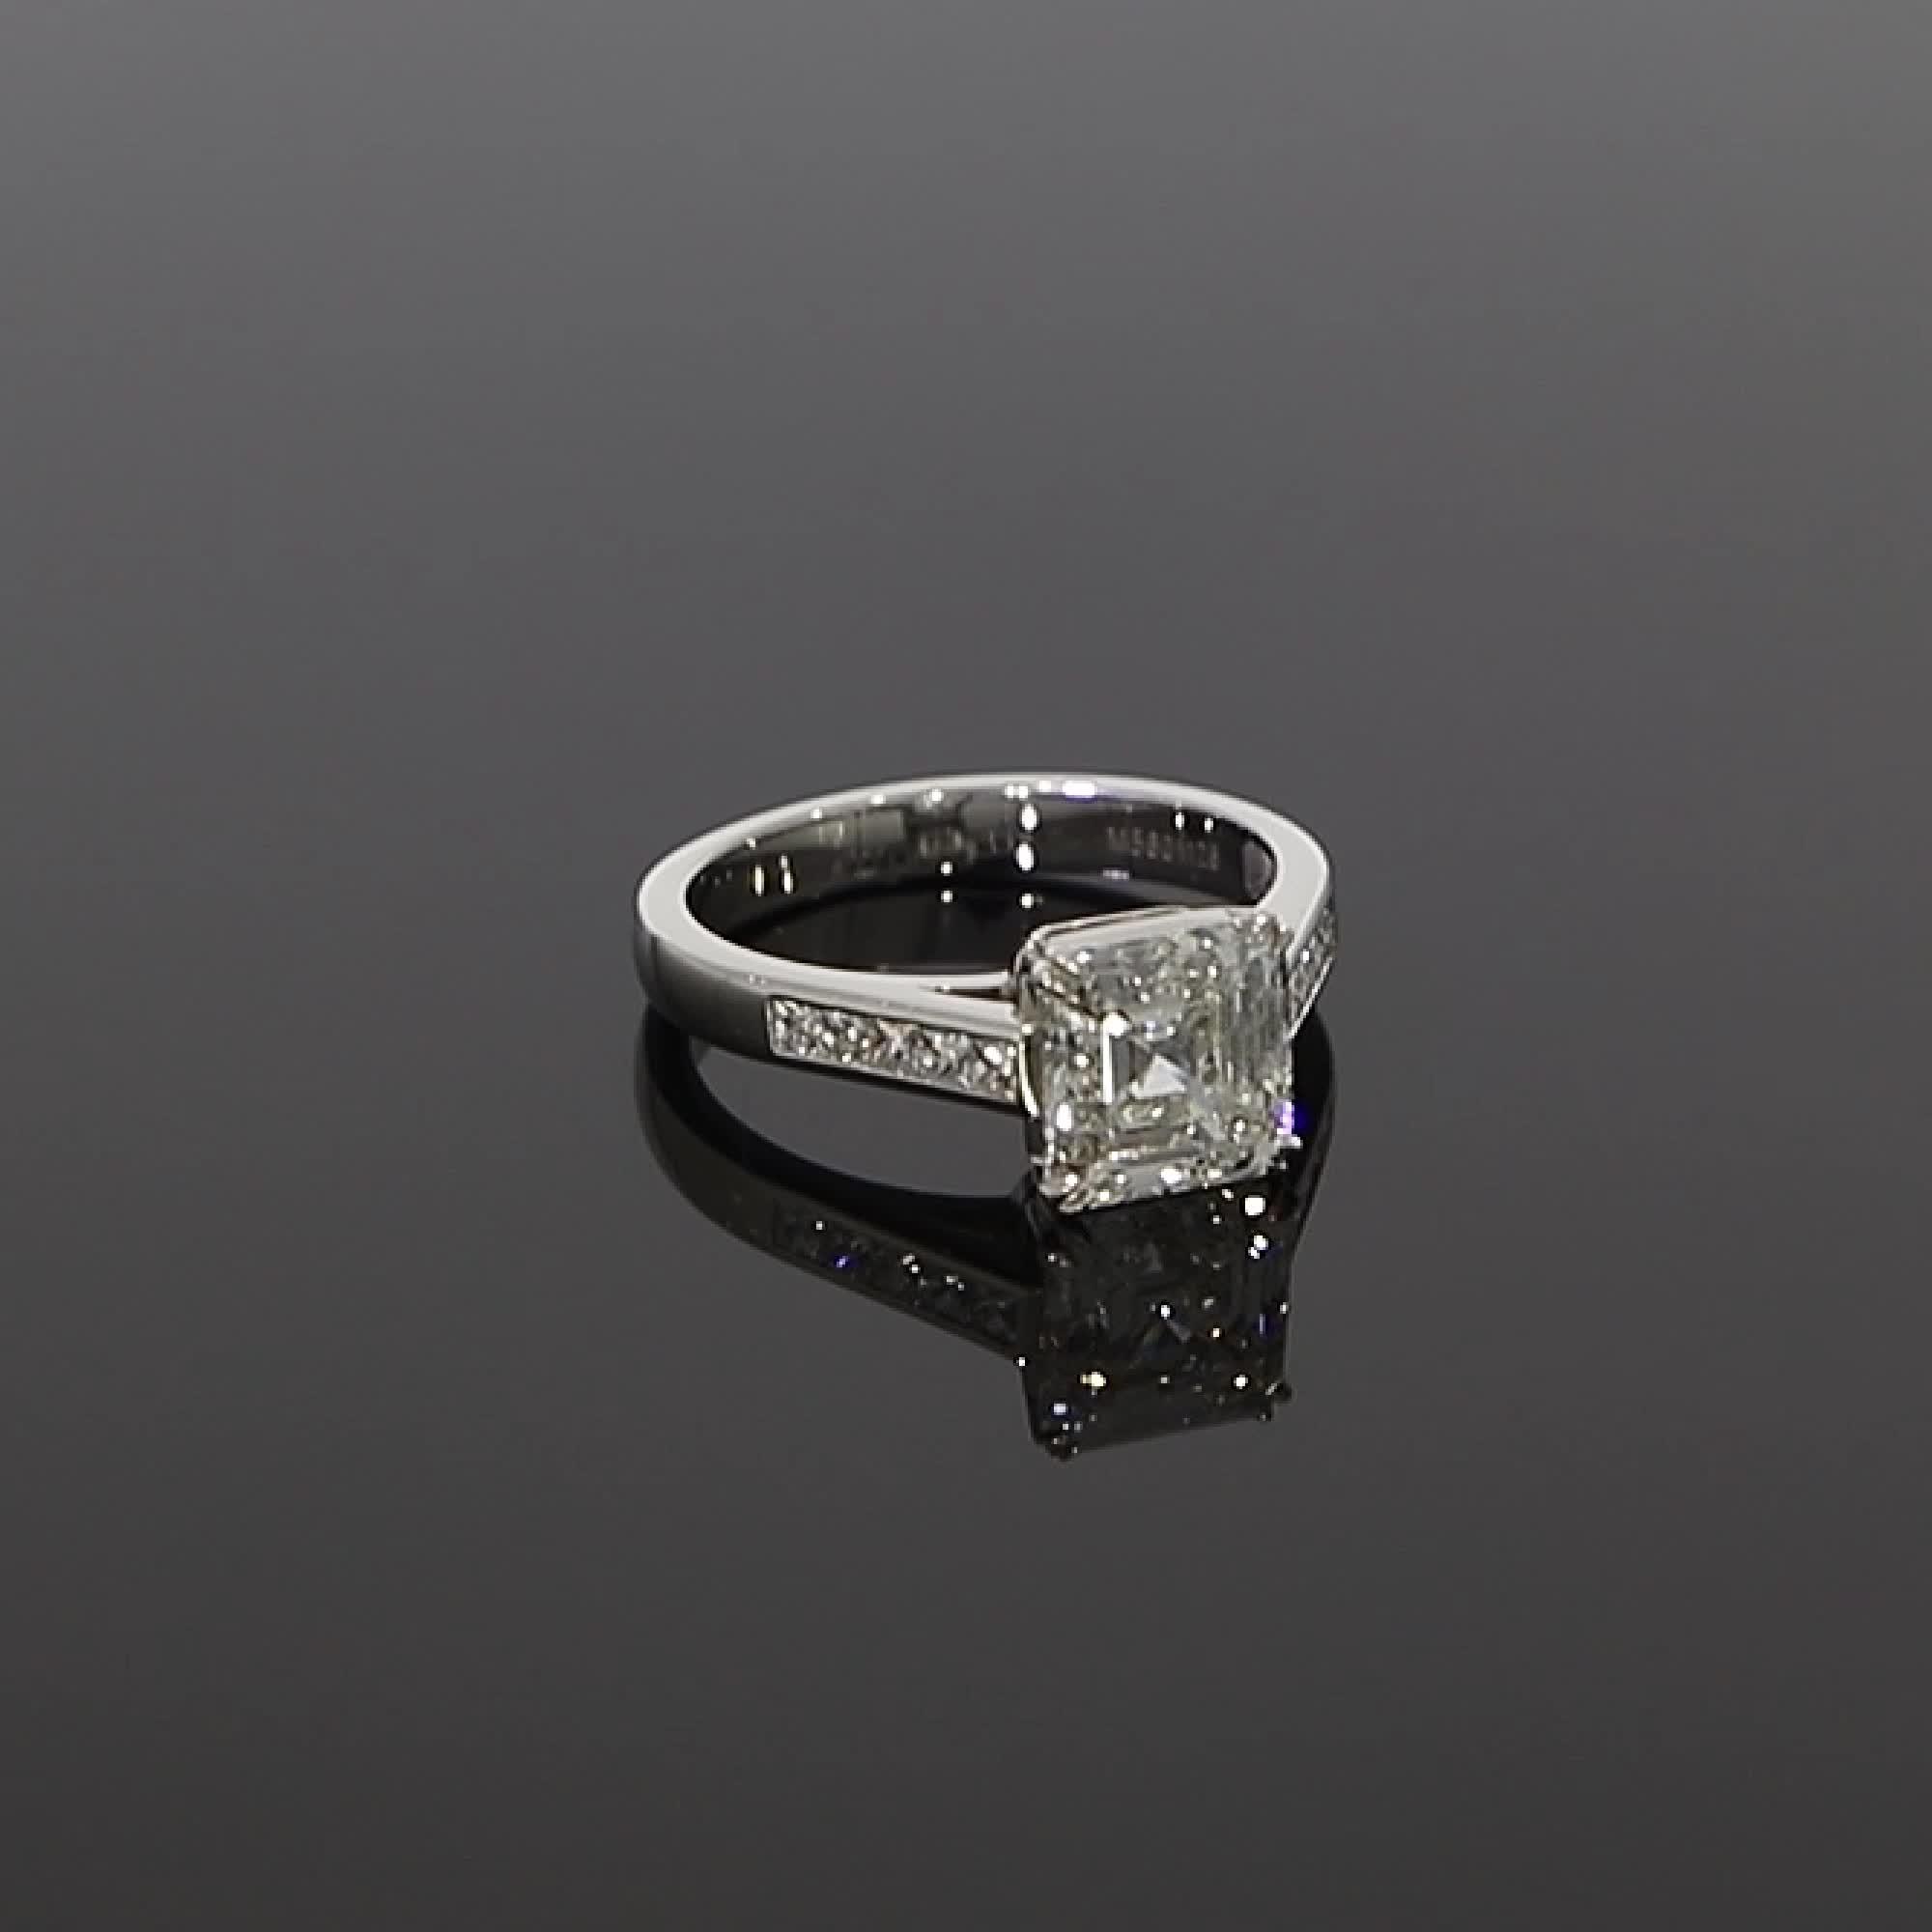 5601126_v Asscher Cut with a Diamond Band_501